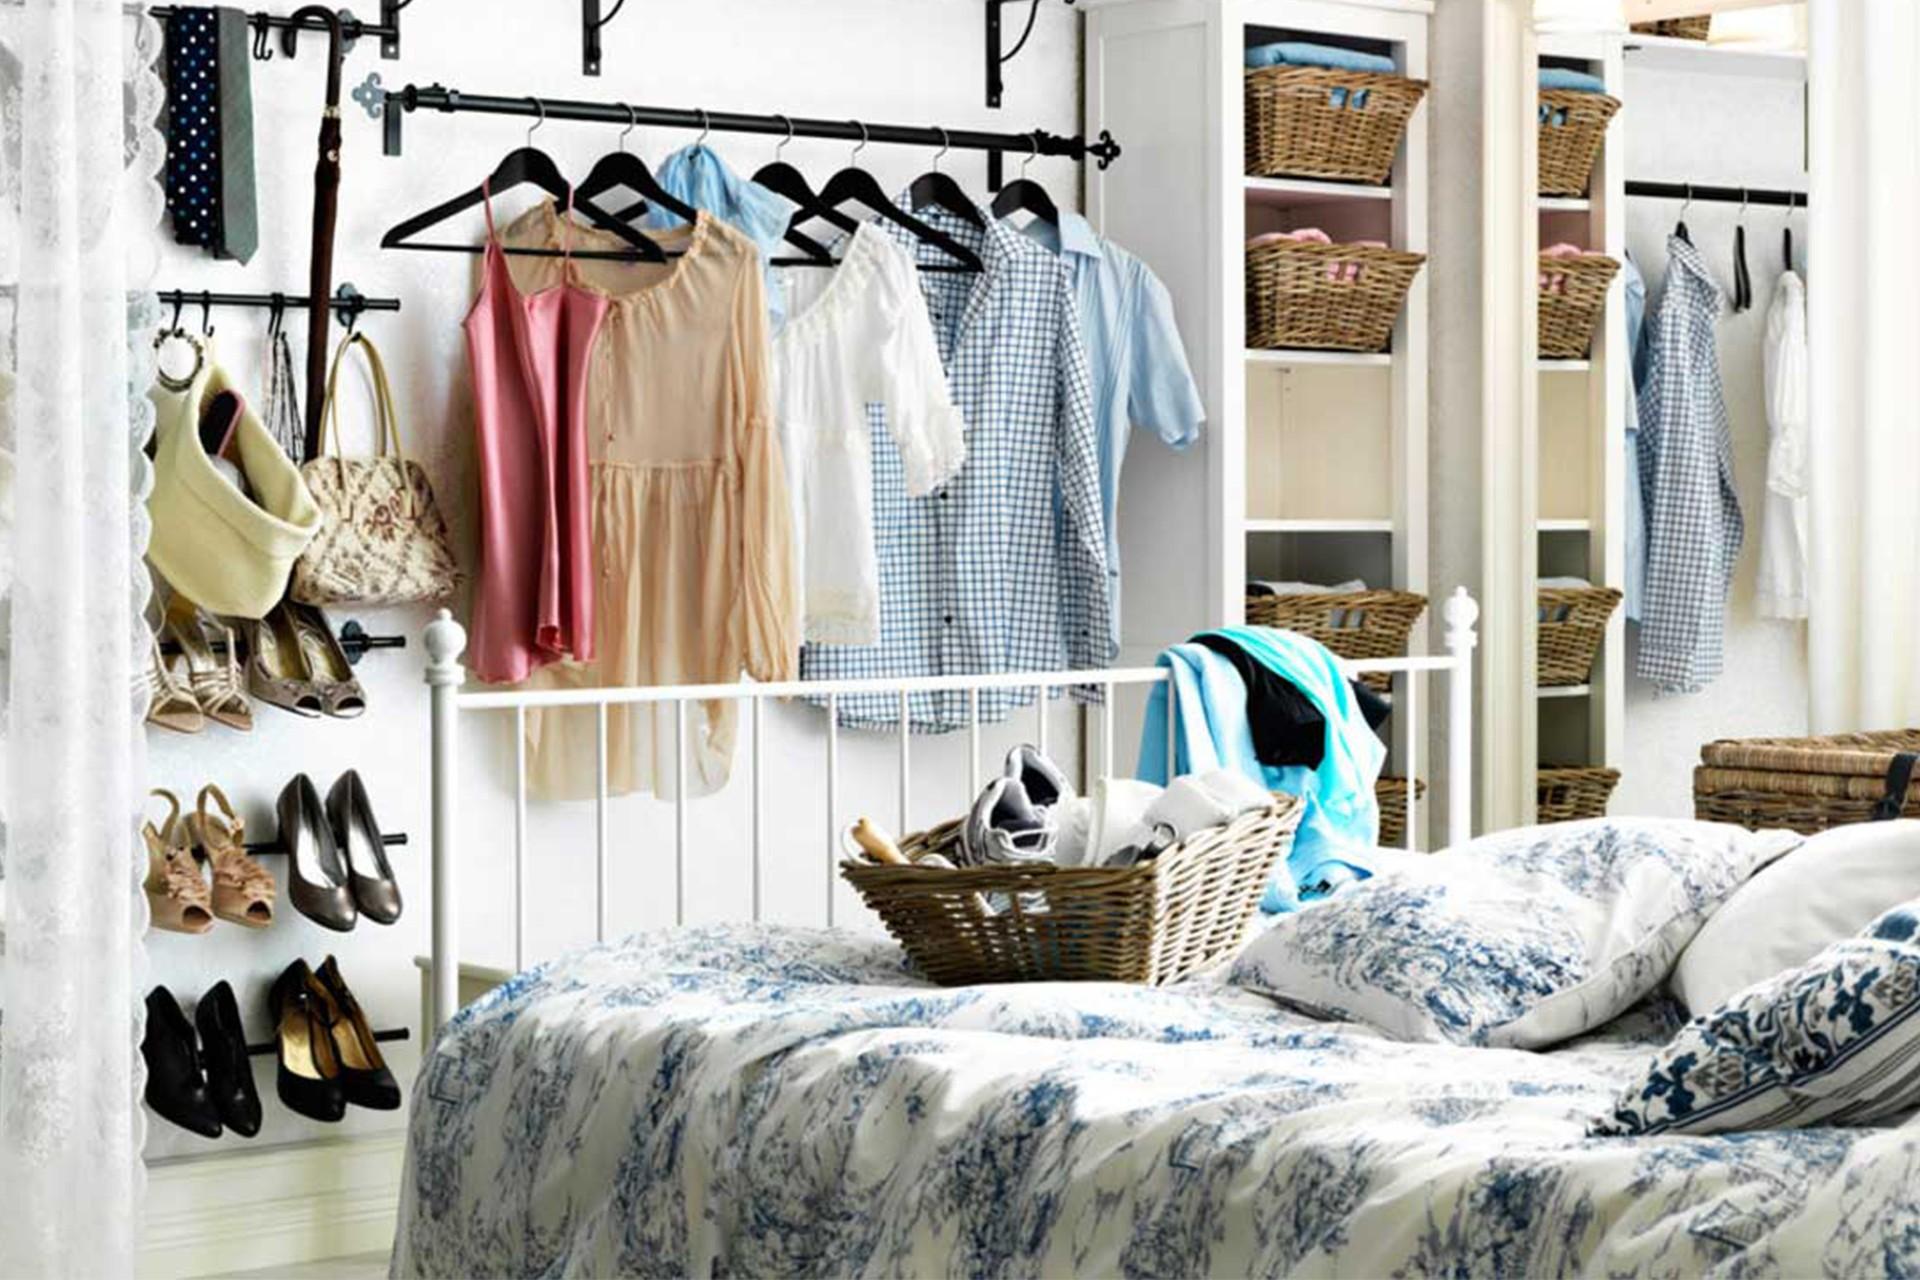 открытая вешалка для одежды в спальне